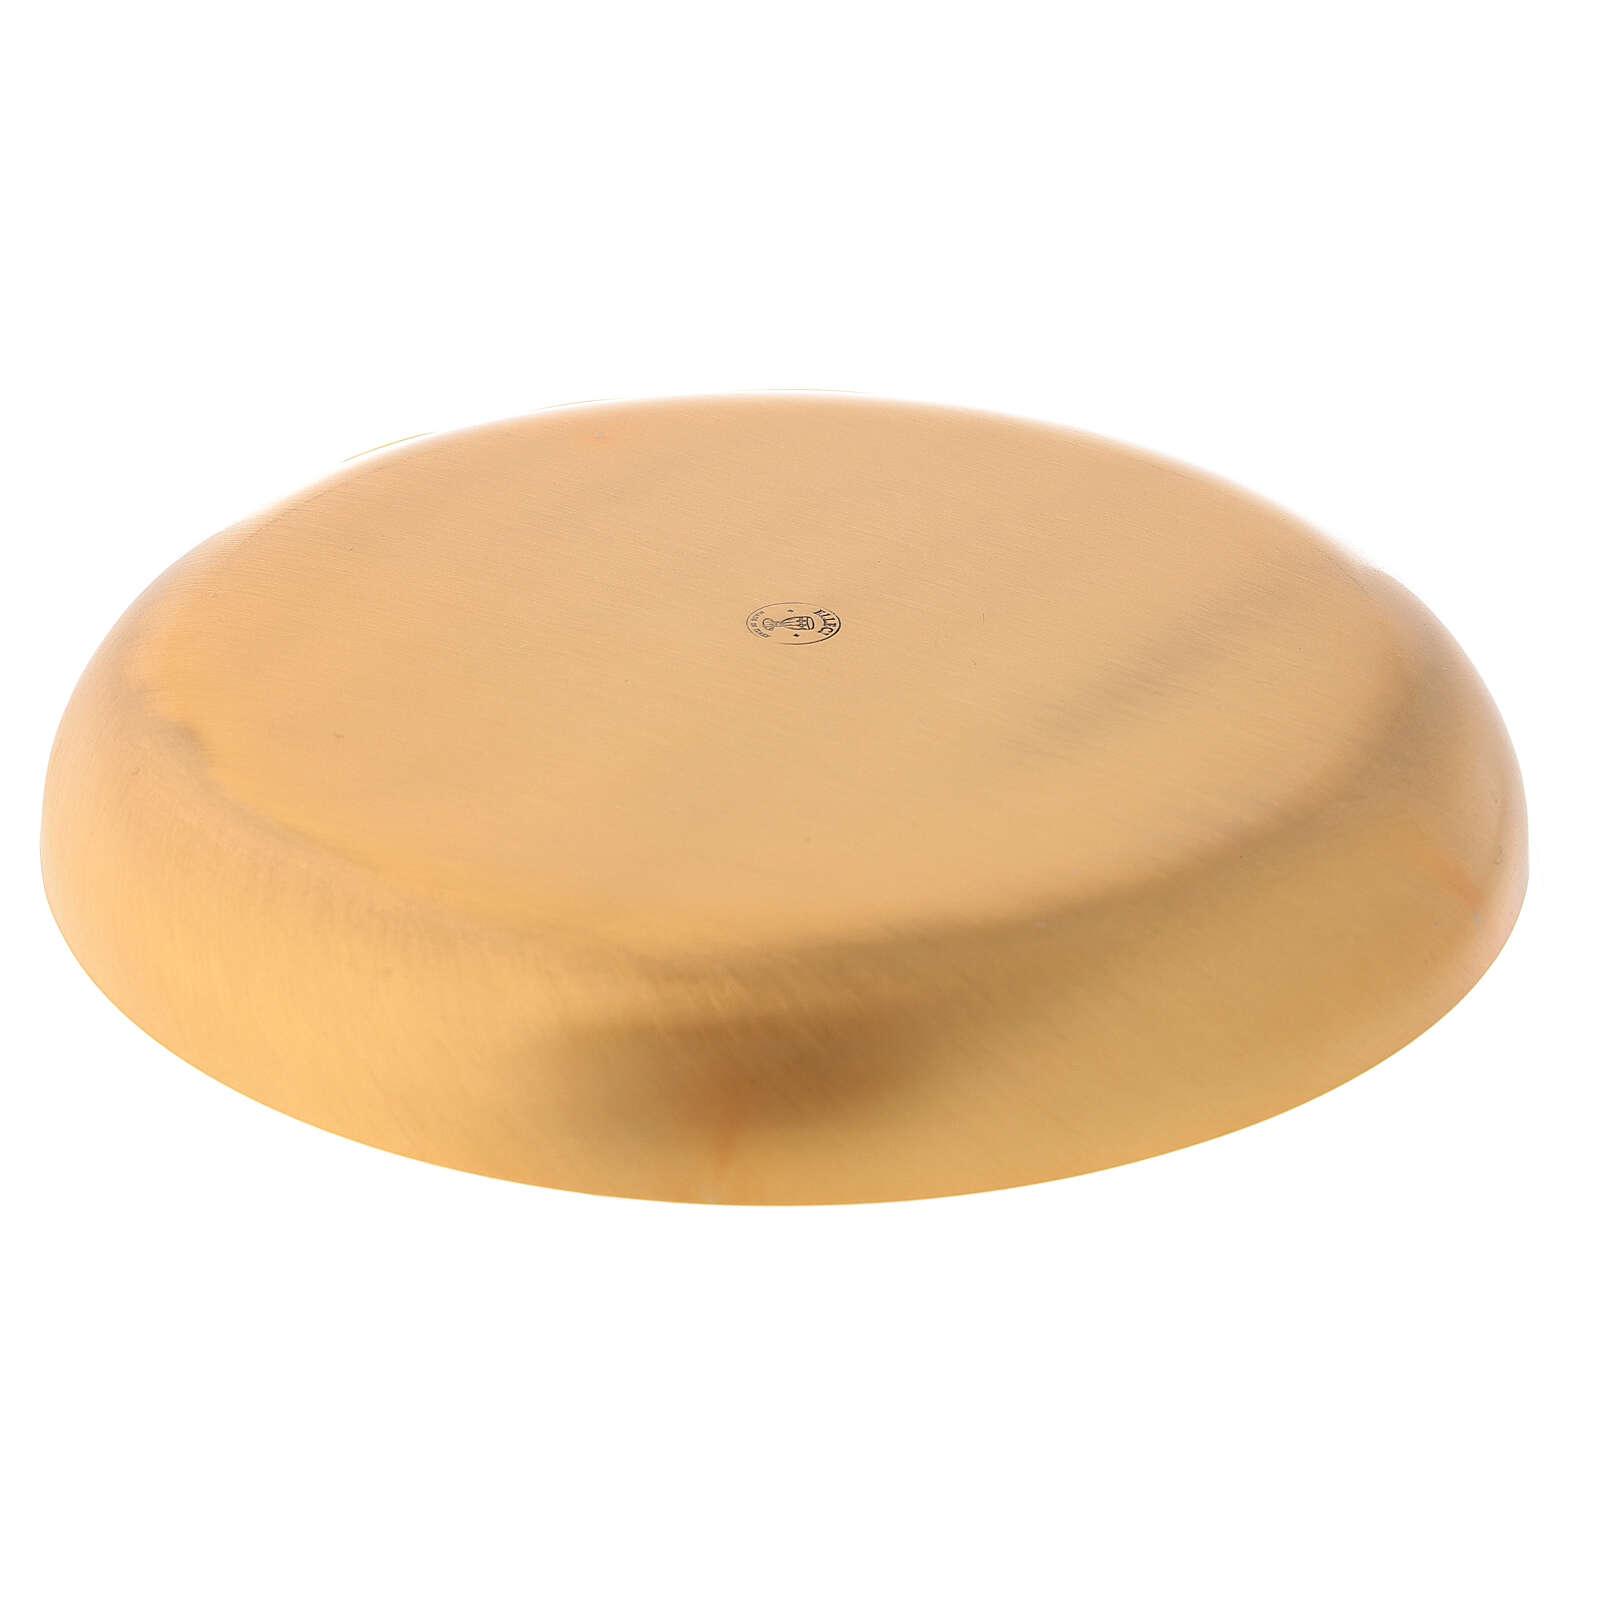 Patena ottone dorato lucido piatto fondo 16 cm 4